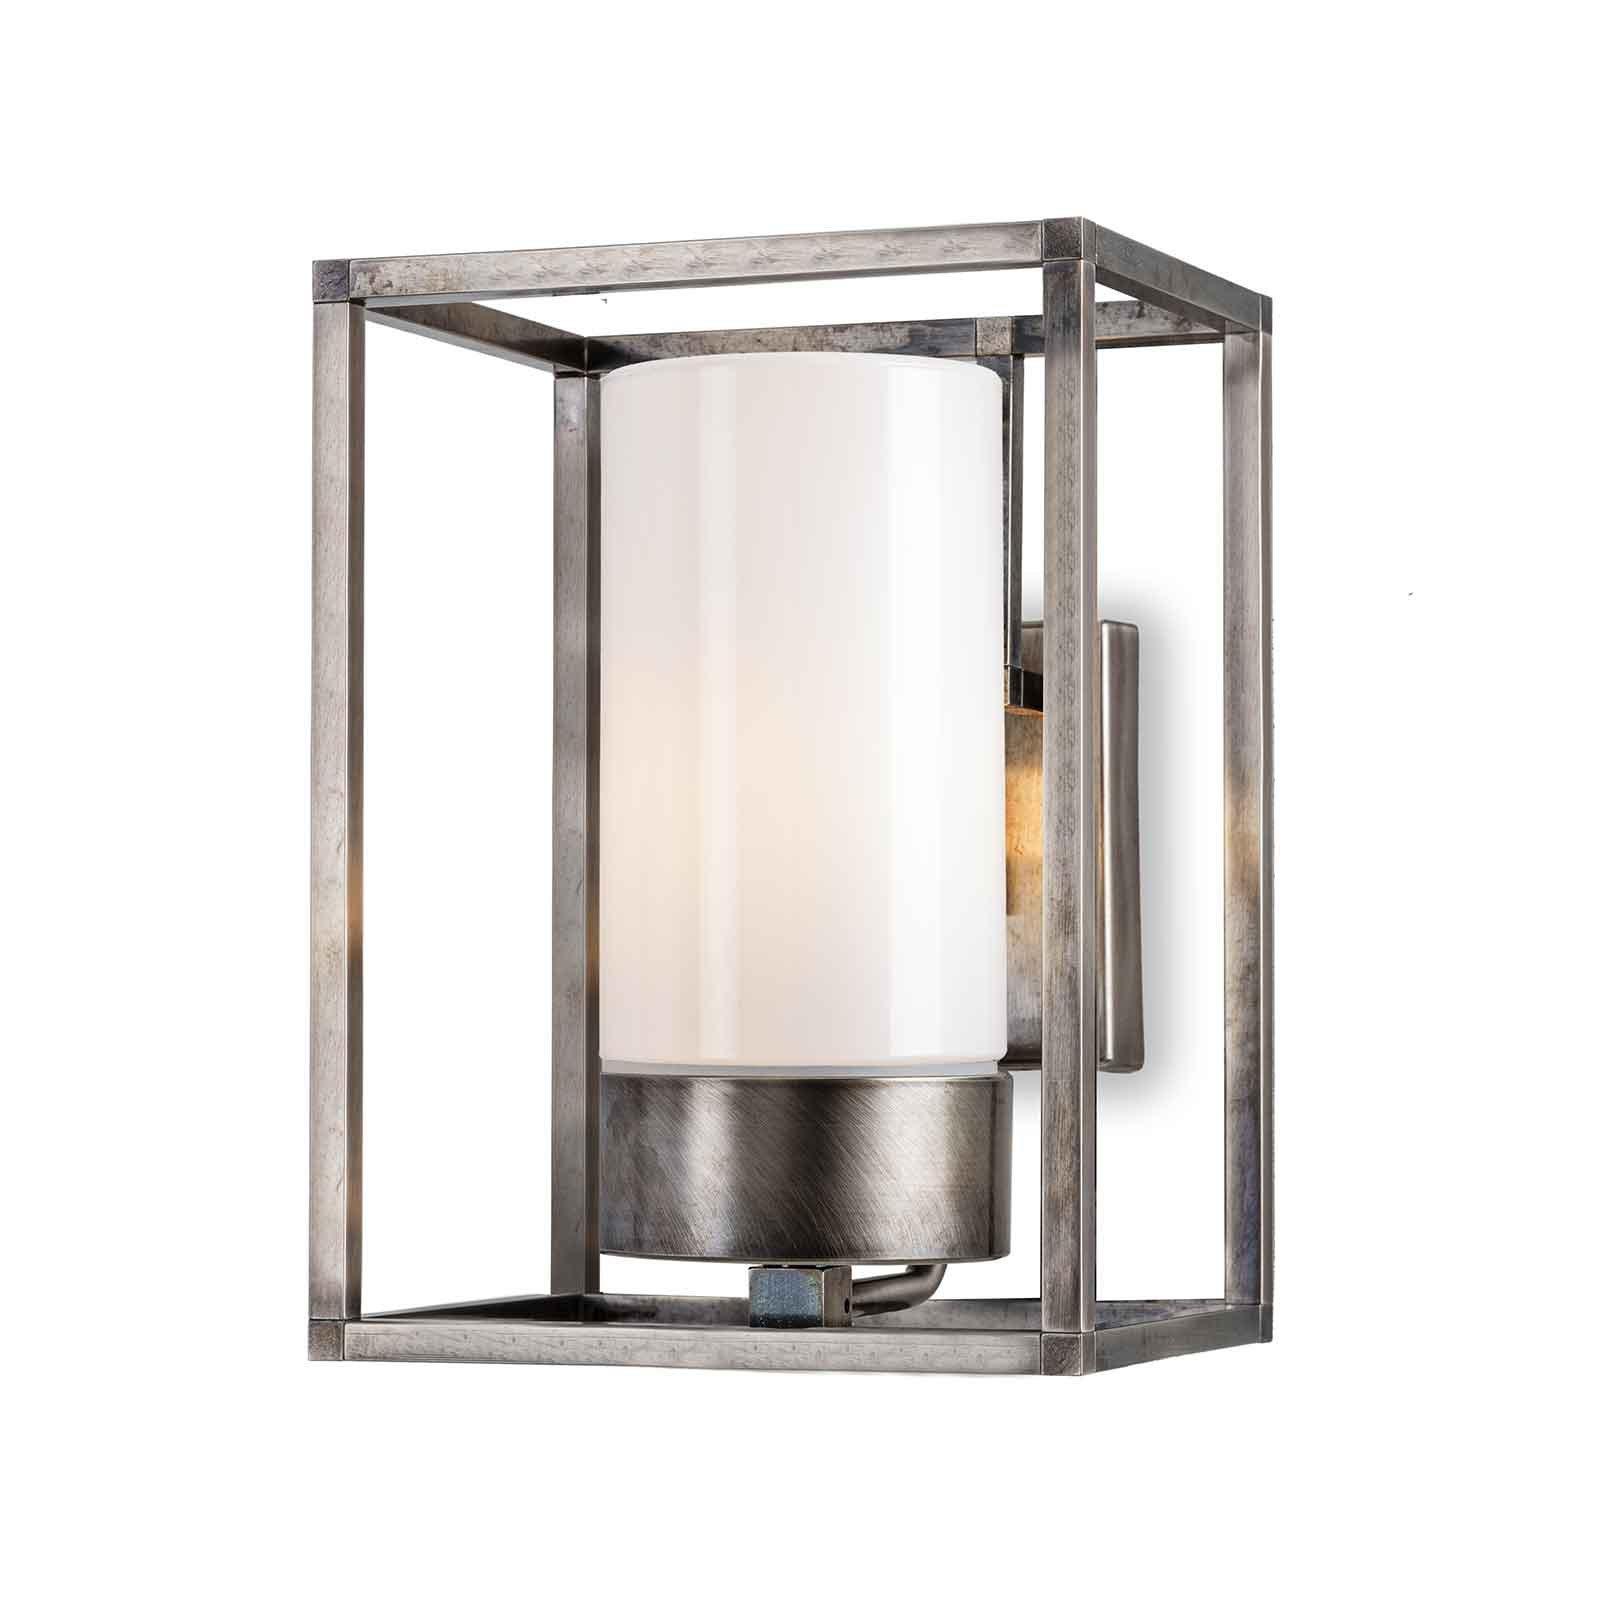 Cubic³ 3363 utendørs vegglampe antikk nikkel/opal